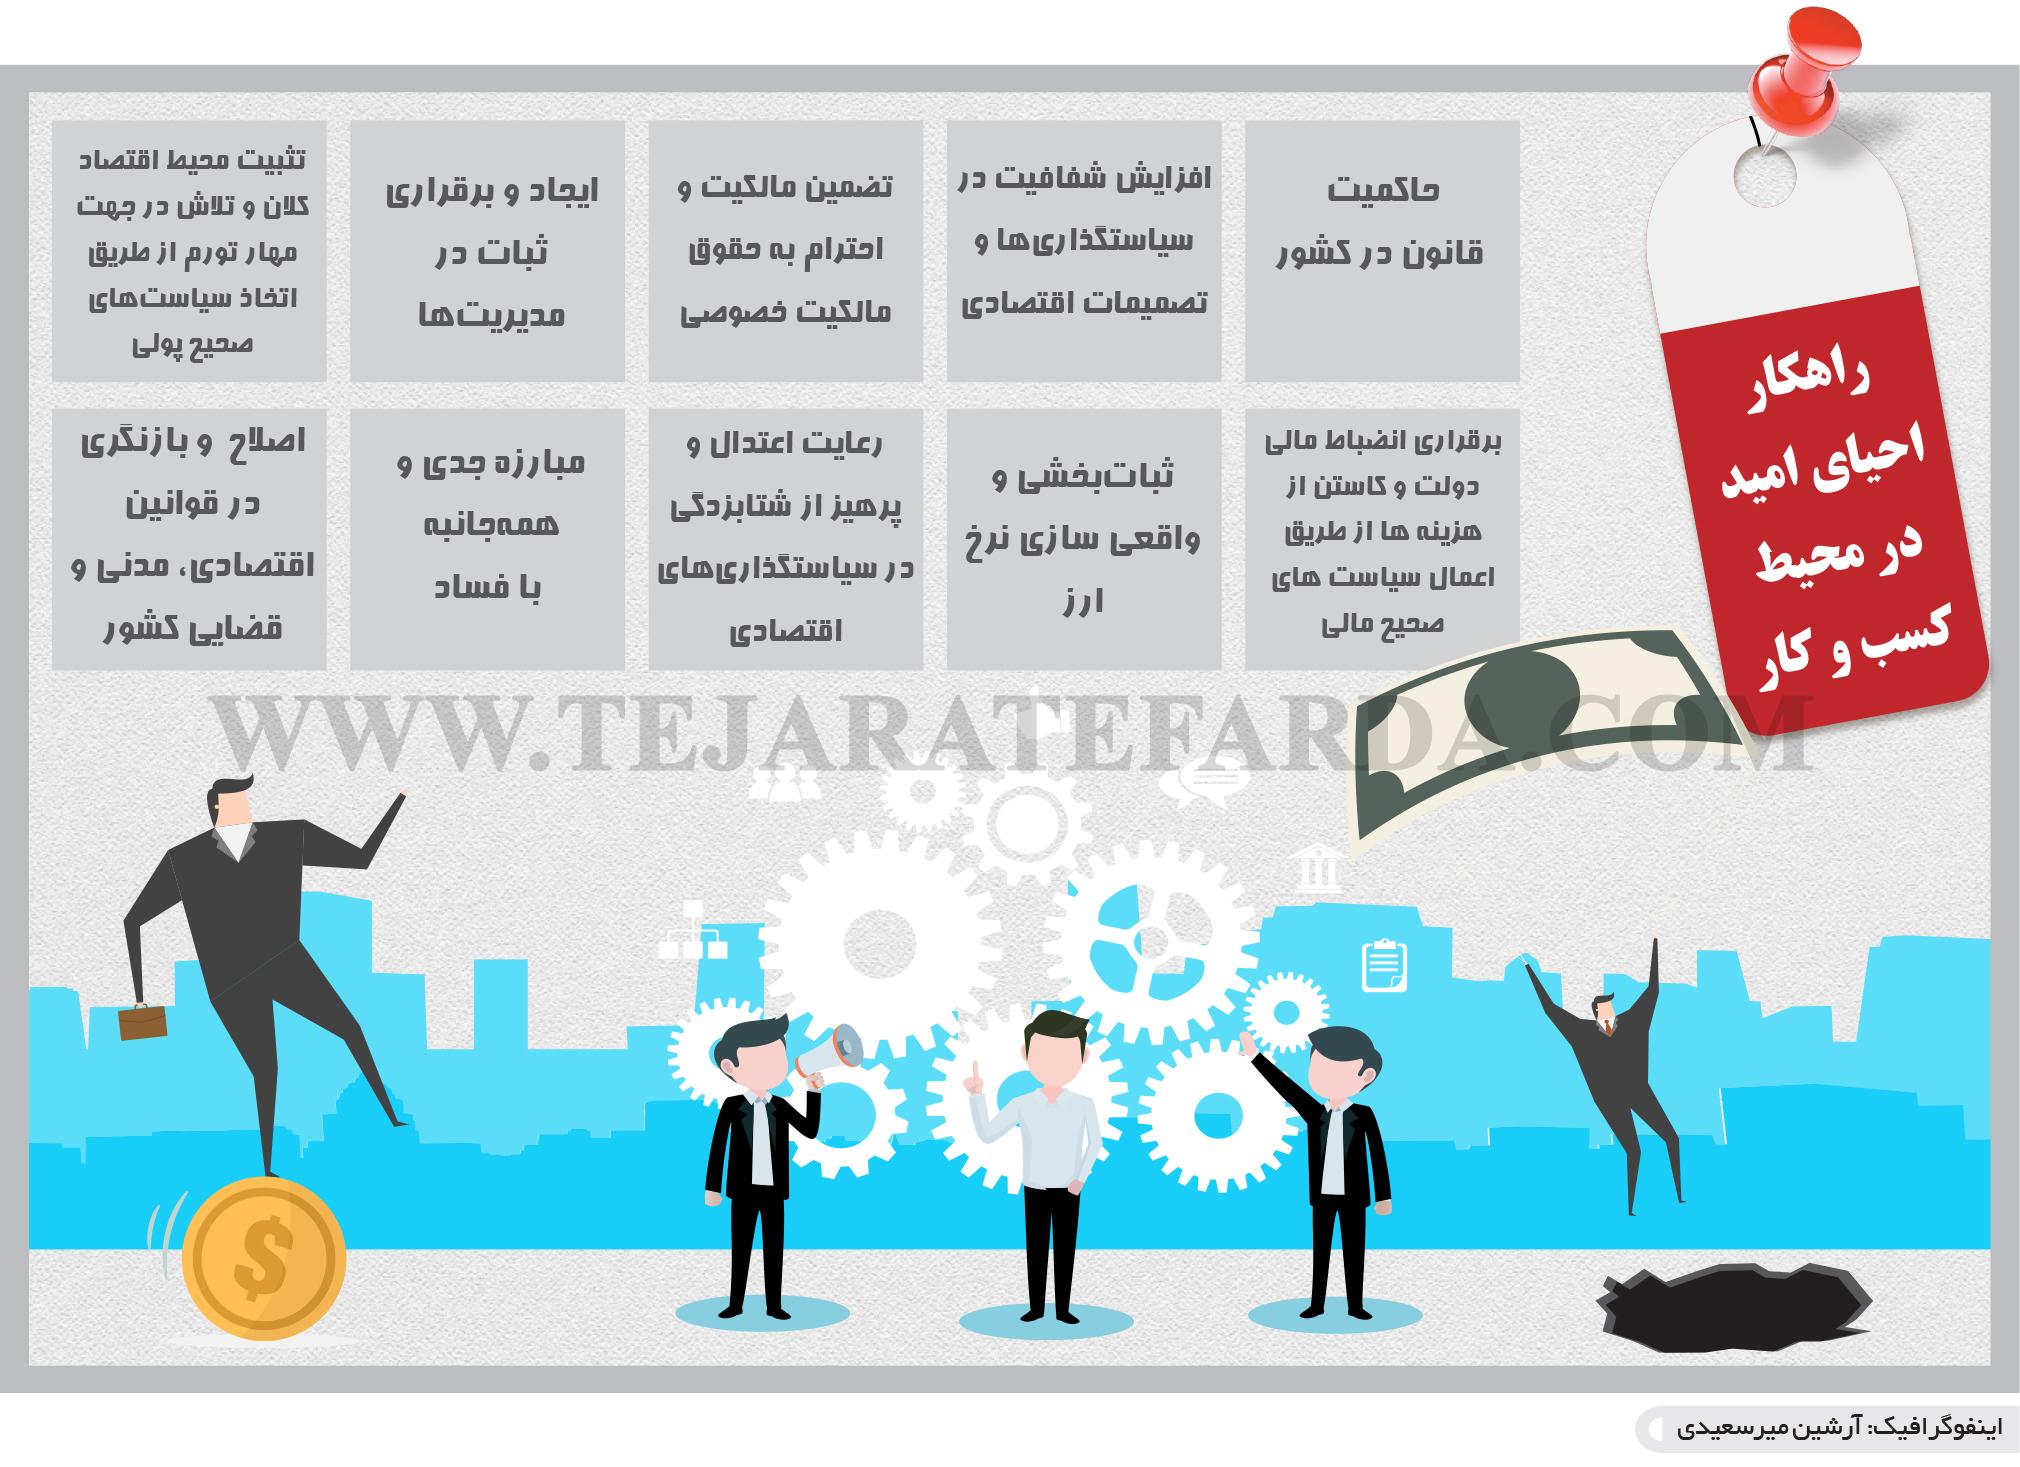 تجارت فردا- اینفوگرافیک- راهکار احیای امید در محیط  کسب و کار